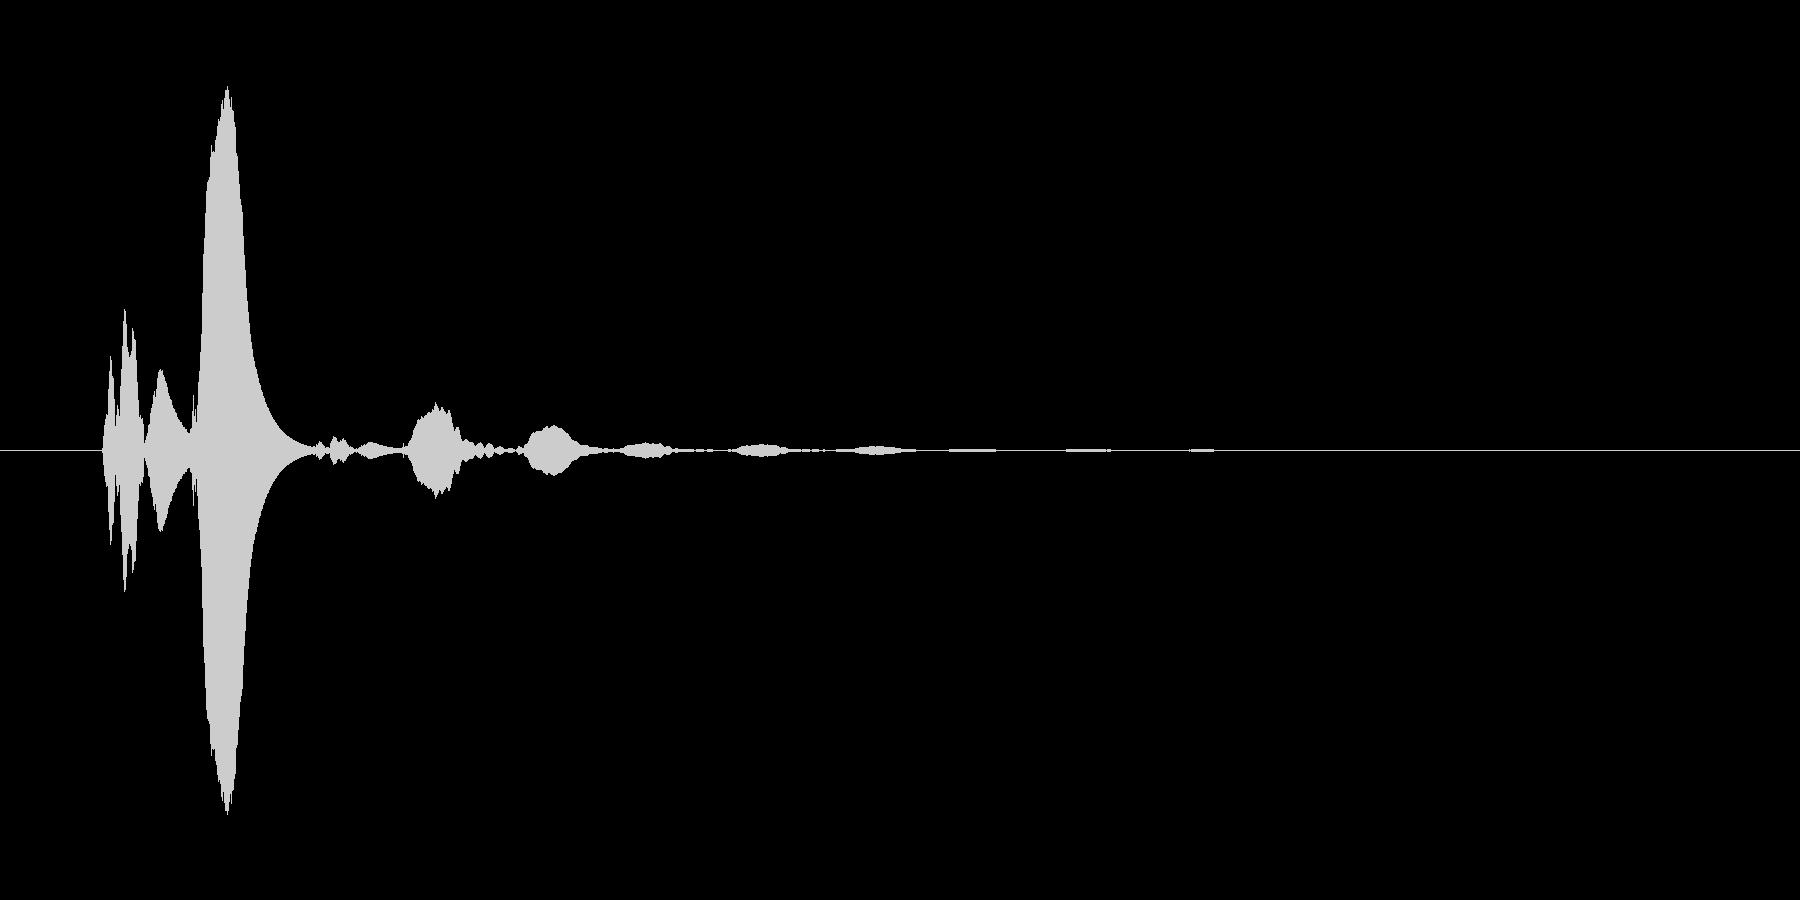 【効果音】メニュー系セットB_キャンセルの未再生の波形